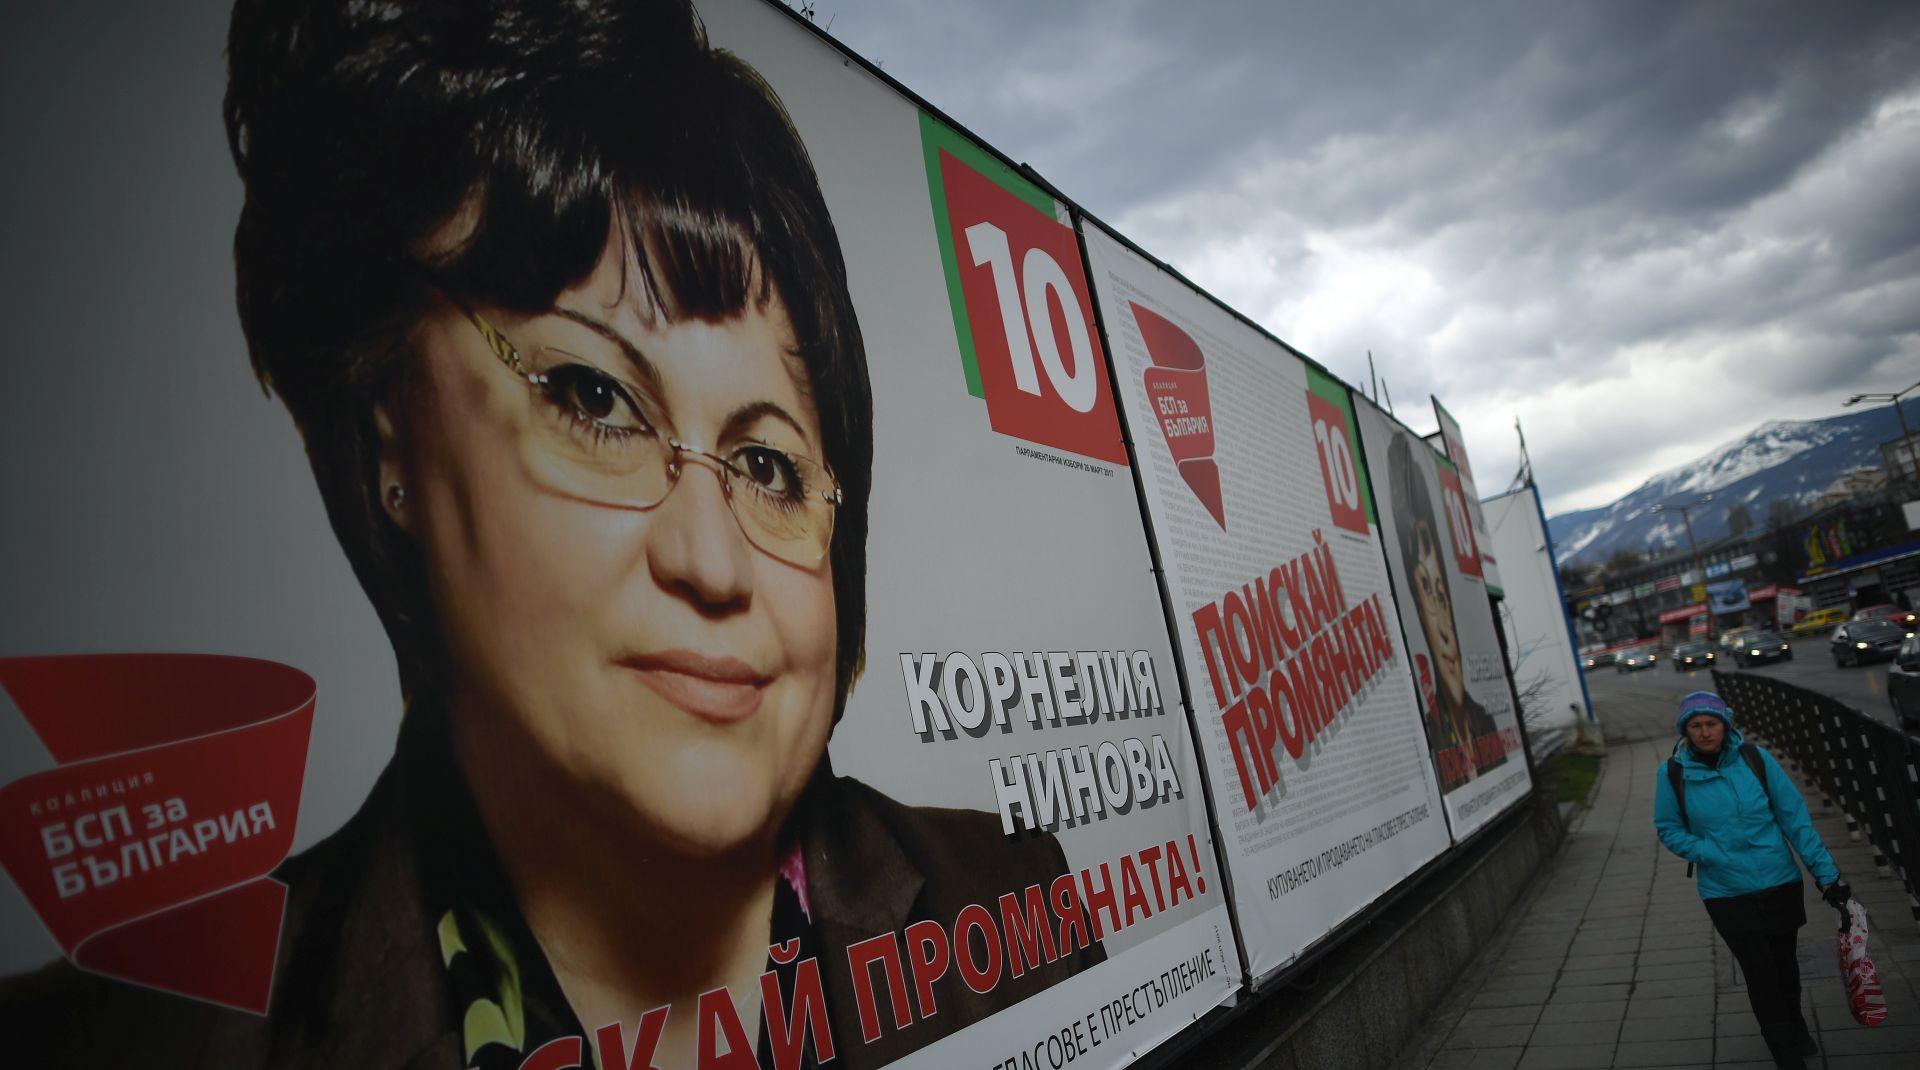 Bugarska, ekonomski i politički podijeljena zemlja, u nedjelju ponovo na izborima